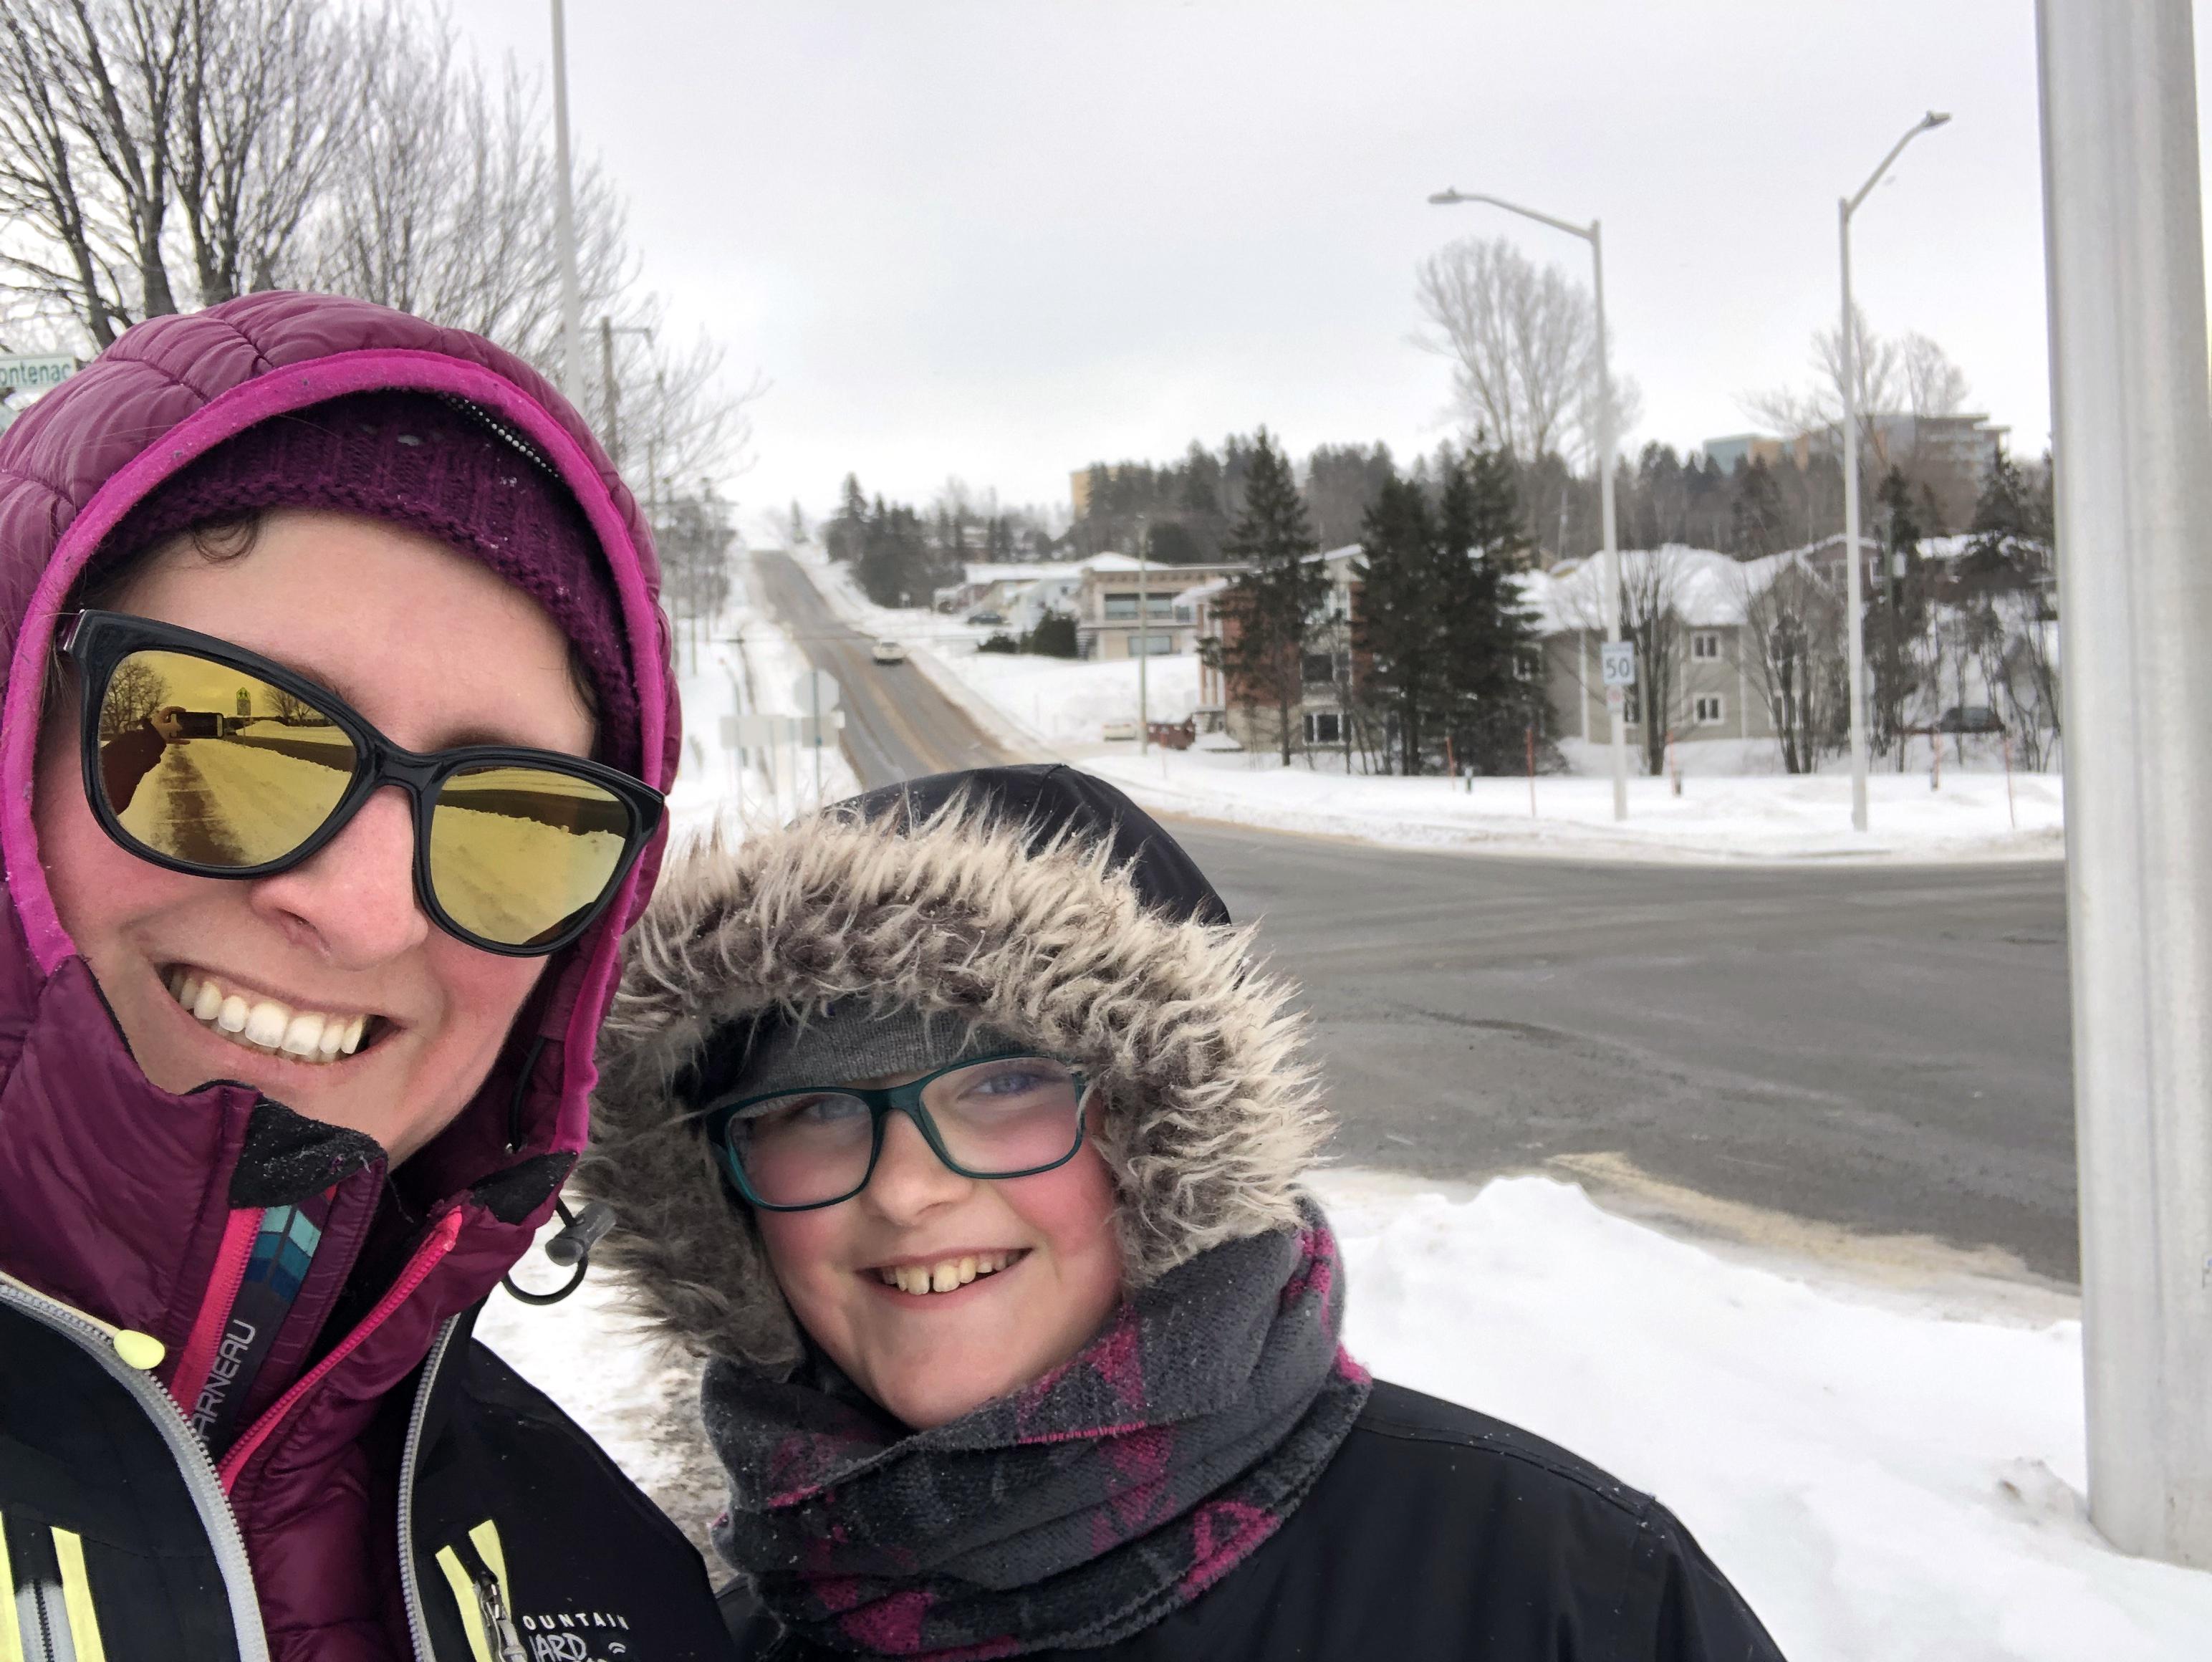 Notre ambassadrice Christiane Plamondon est accompagnée de sa fille Nathaëlle lors d'un entraînement hivernal.